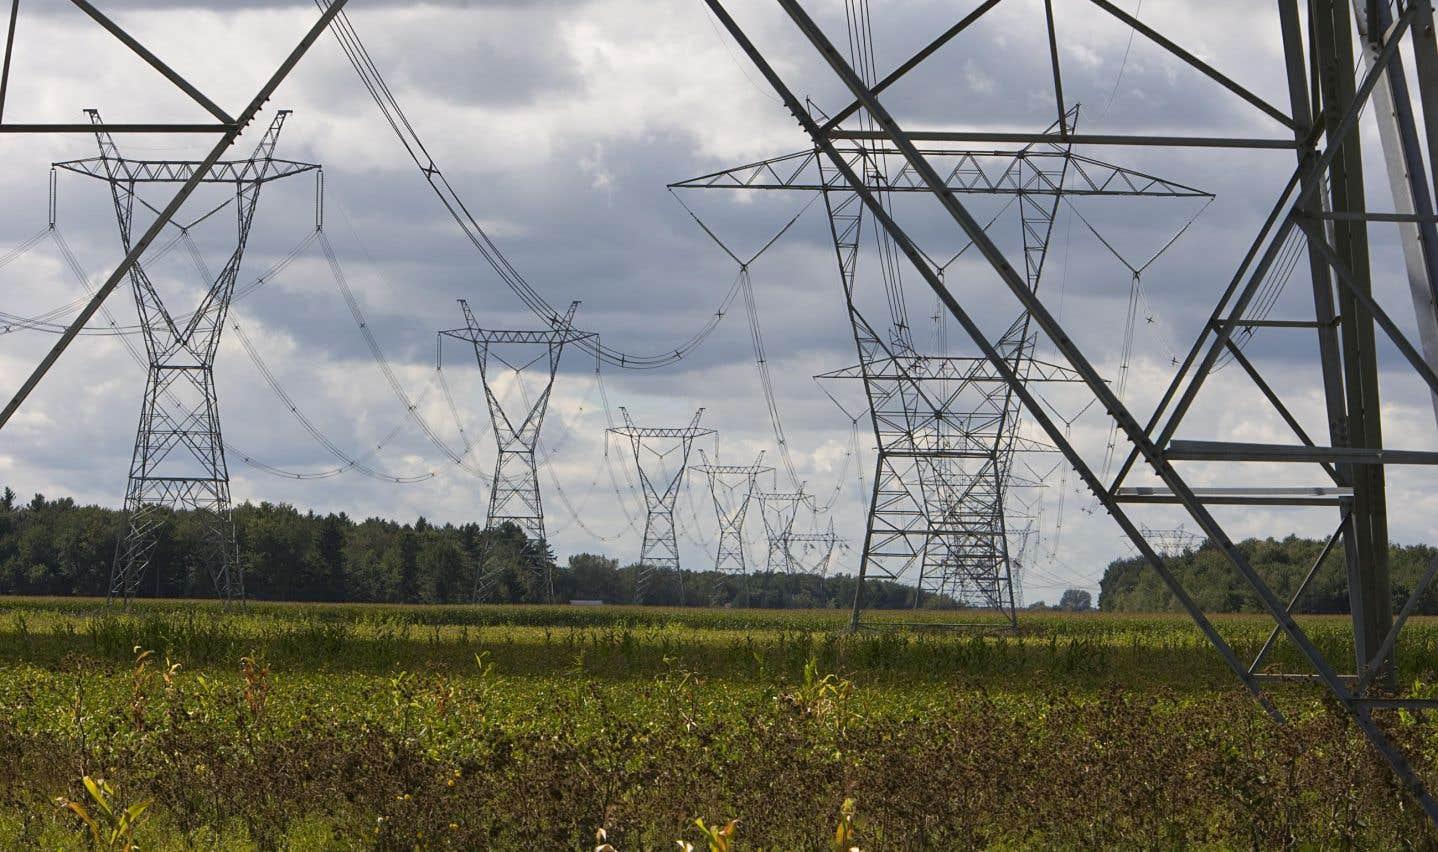 La société d'État fait preuve de prudence dans ses prévisions au chapitre de la consommation résidentielle en raison de la progression de l'autoproduction d'énergie stimulée par l'accessibilité à la technologie solaire.